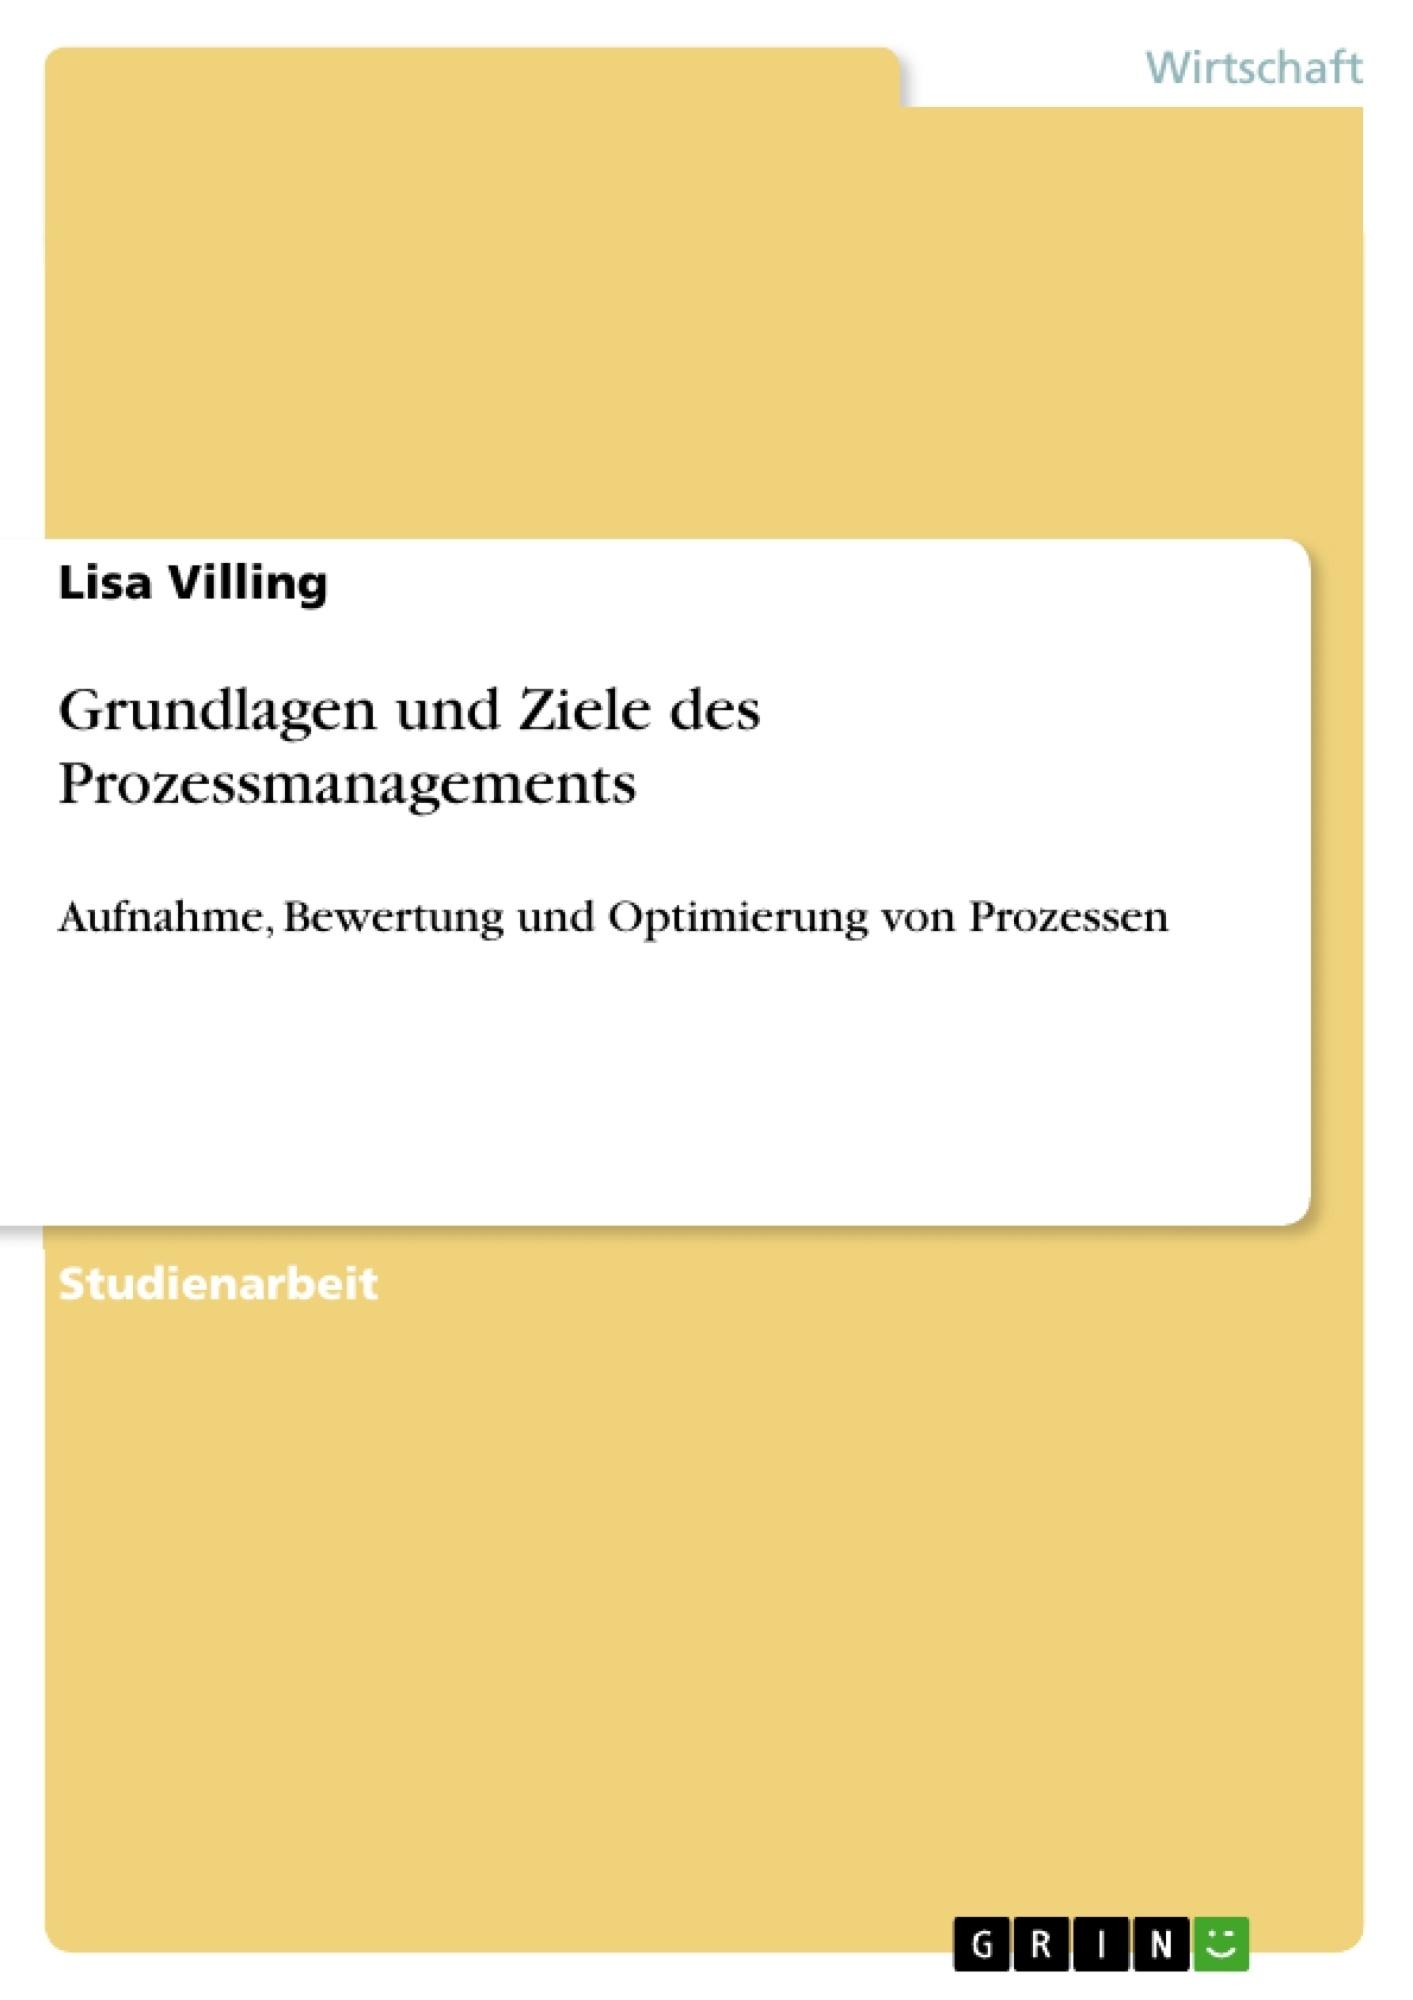 Titel: Grundlagen und Ziele des Prozessmanagements